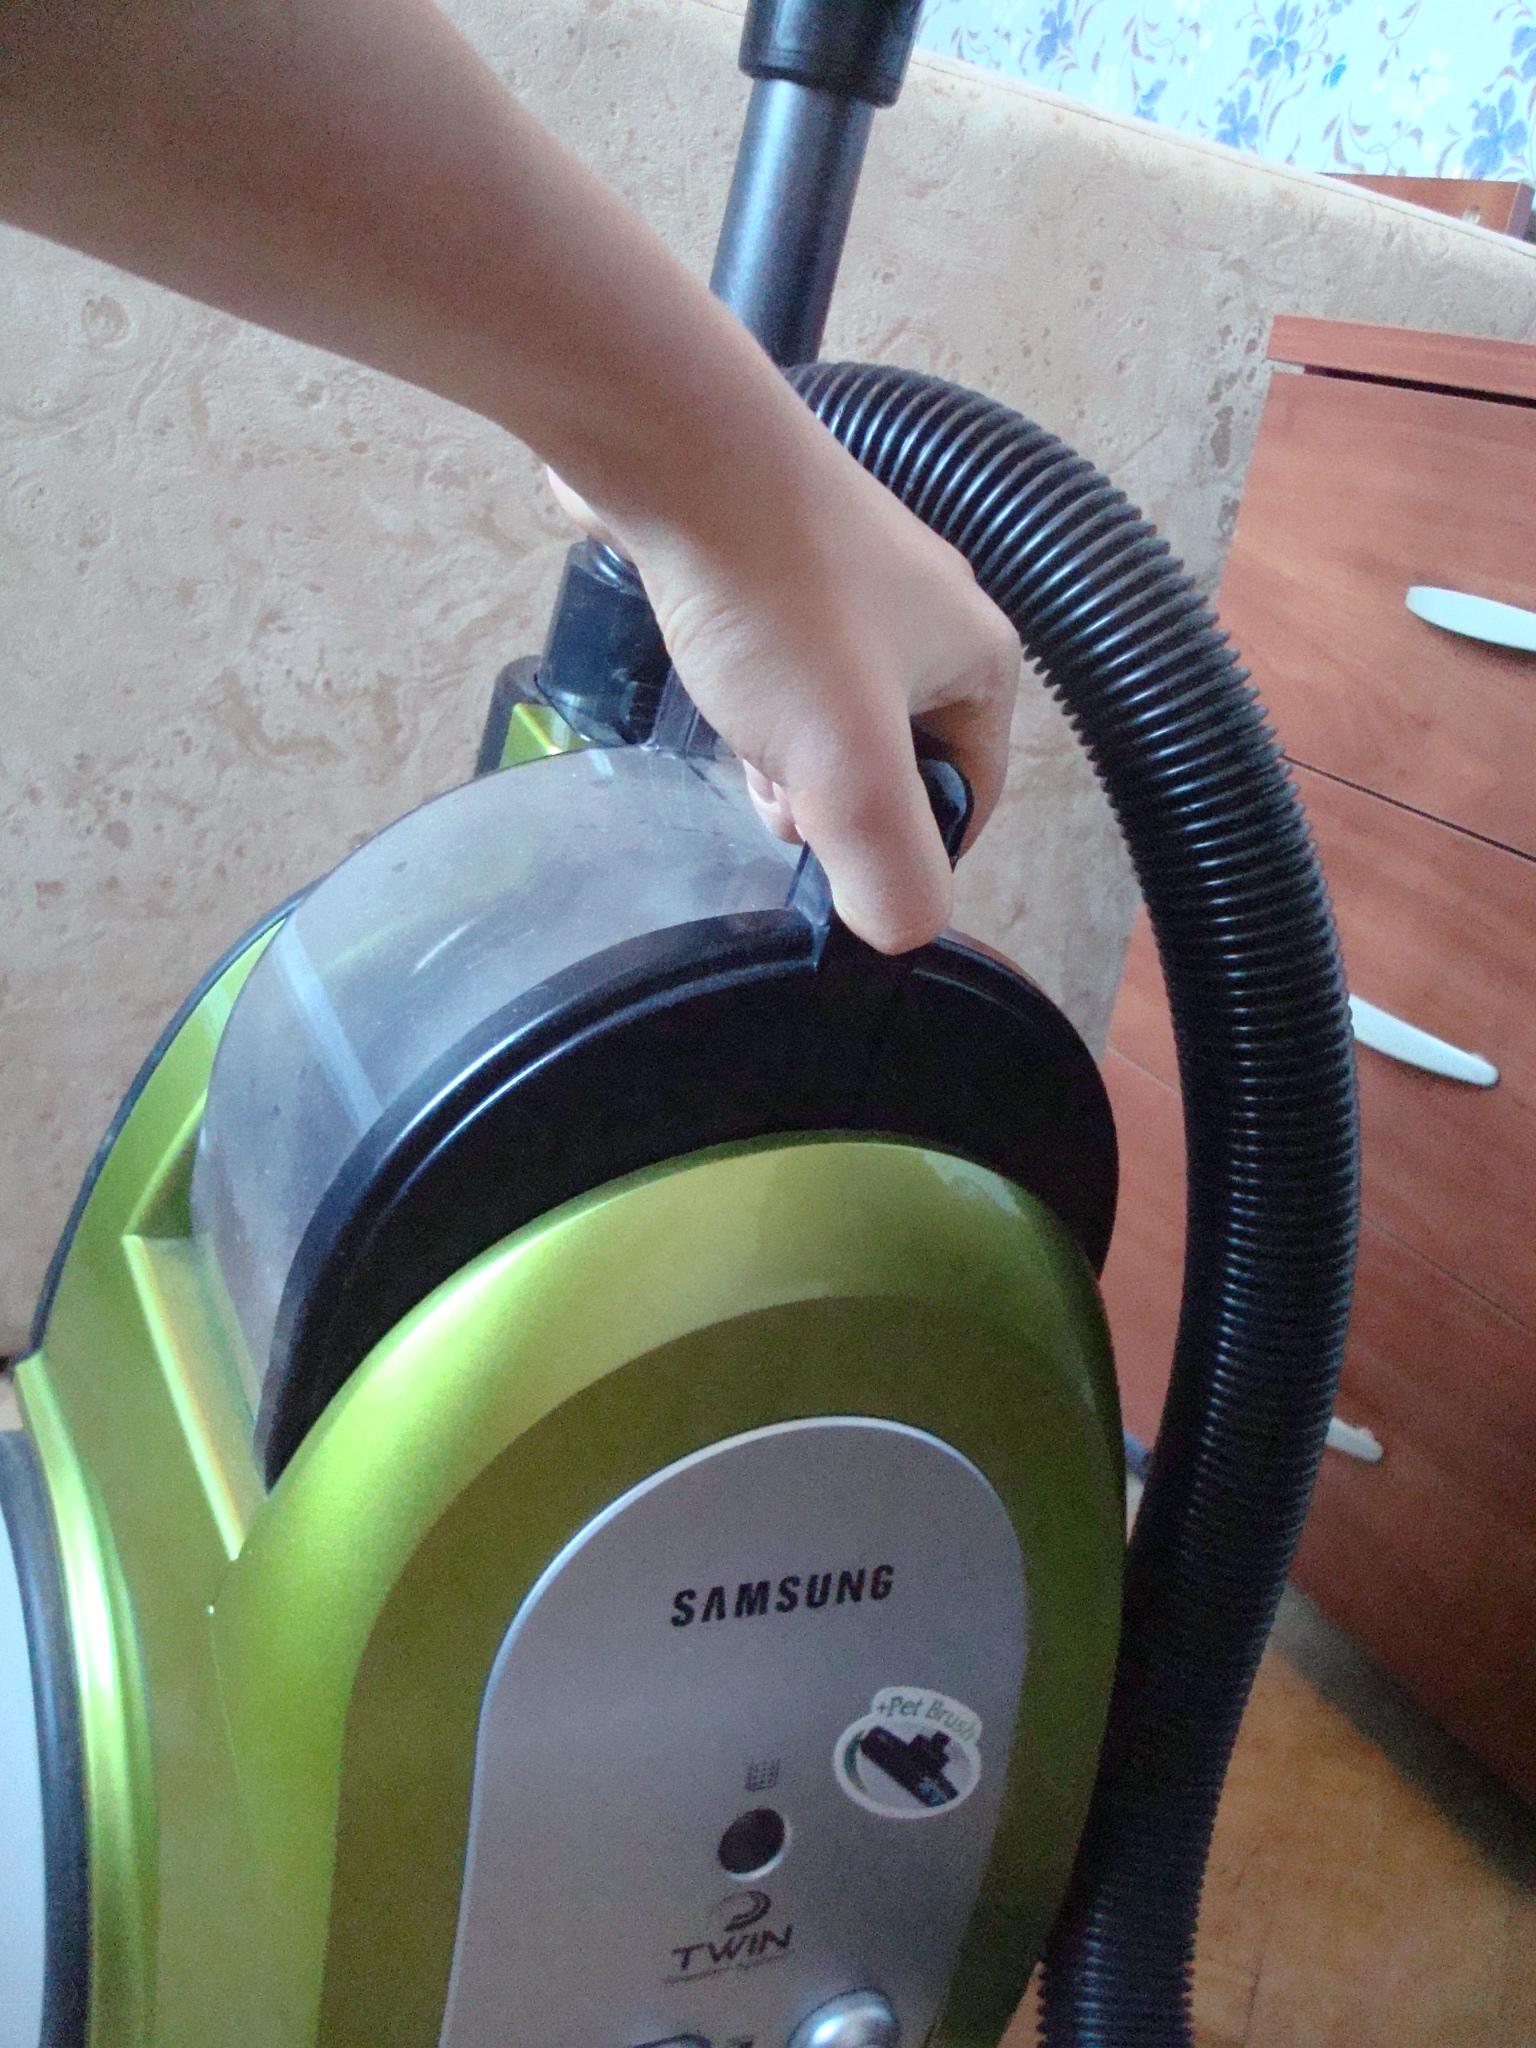 Беспроводные пылесосы для дома: как выбрать, рейтинг моделей, их плюсы и минусы, советы по уходу и применению